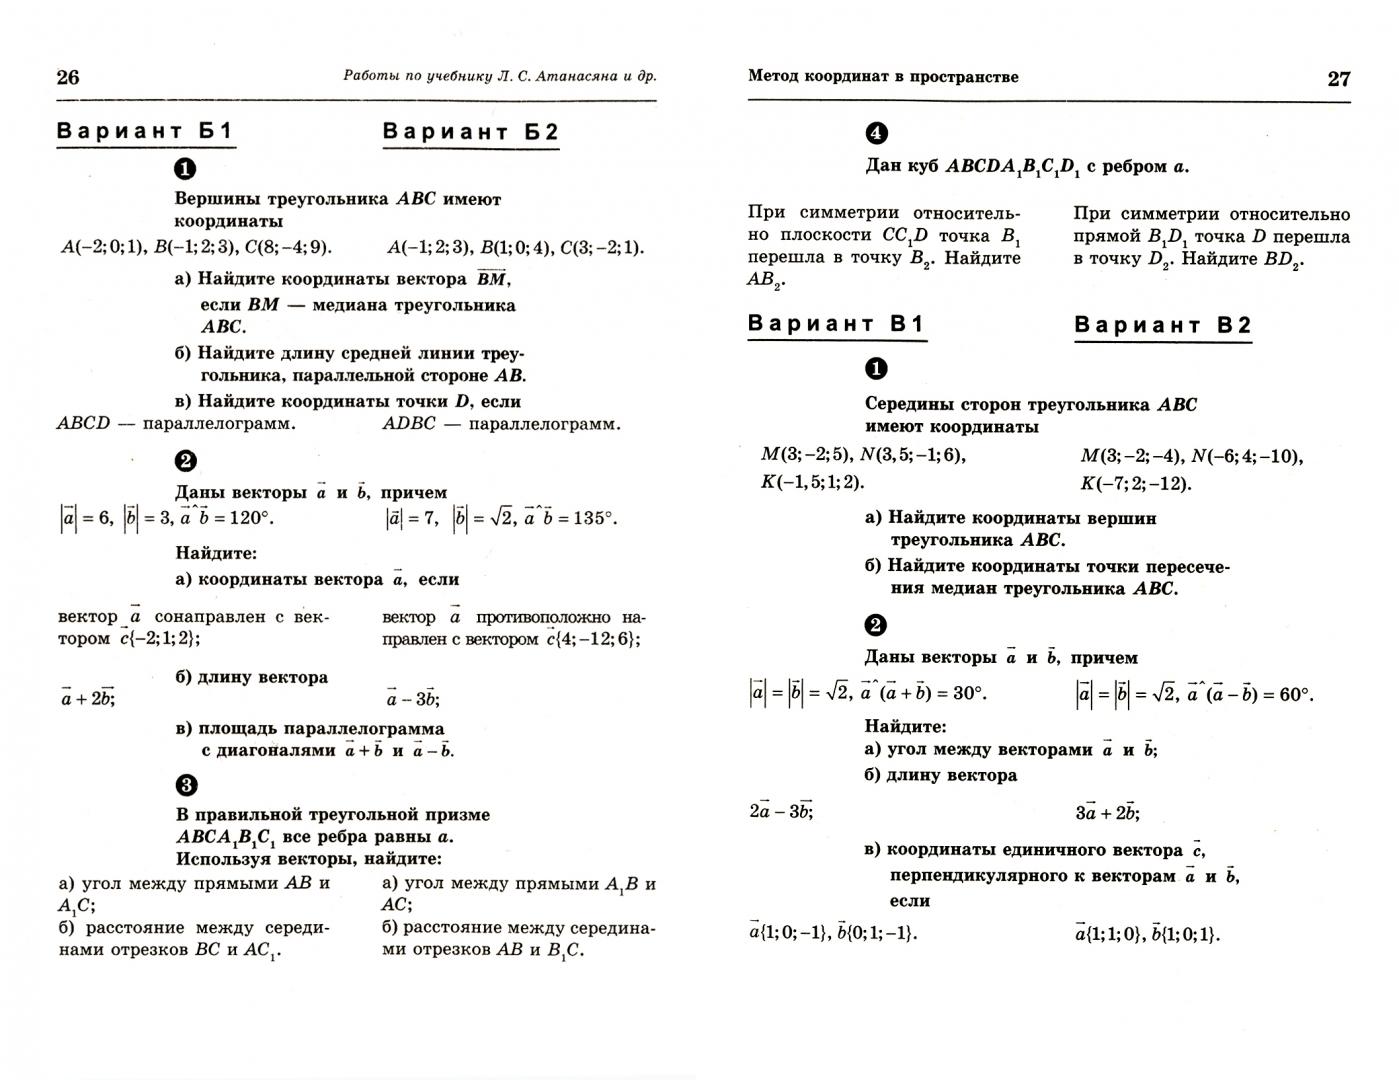 Иллюстрация 1 из 18 для Самостоятельные и контрольные работы по геометрии для 11 класса - Ершова, Голобородько   Лабиринт - книги. Источник: Лабиринт